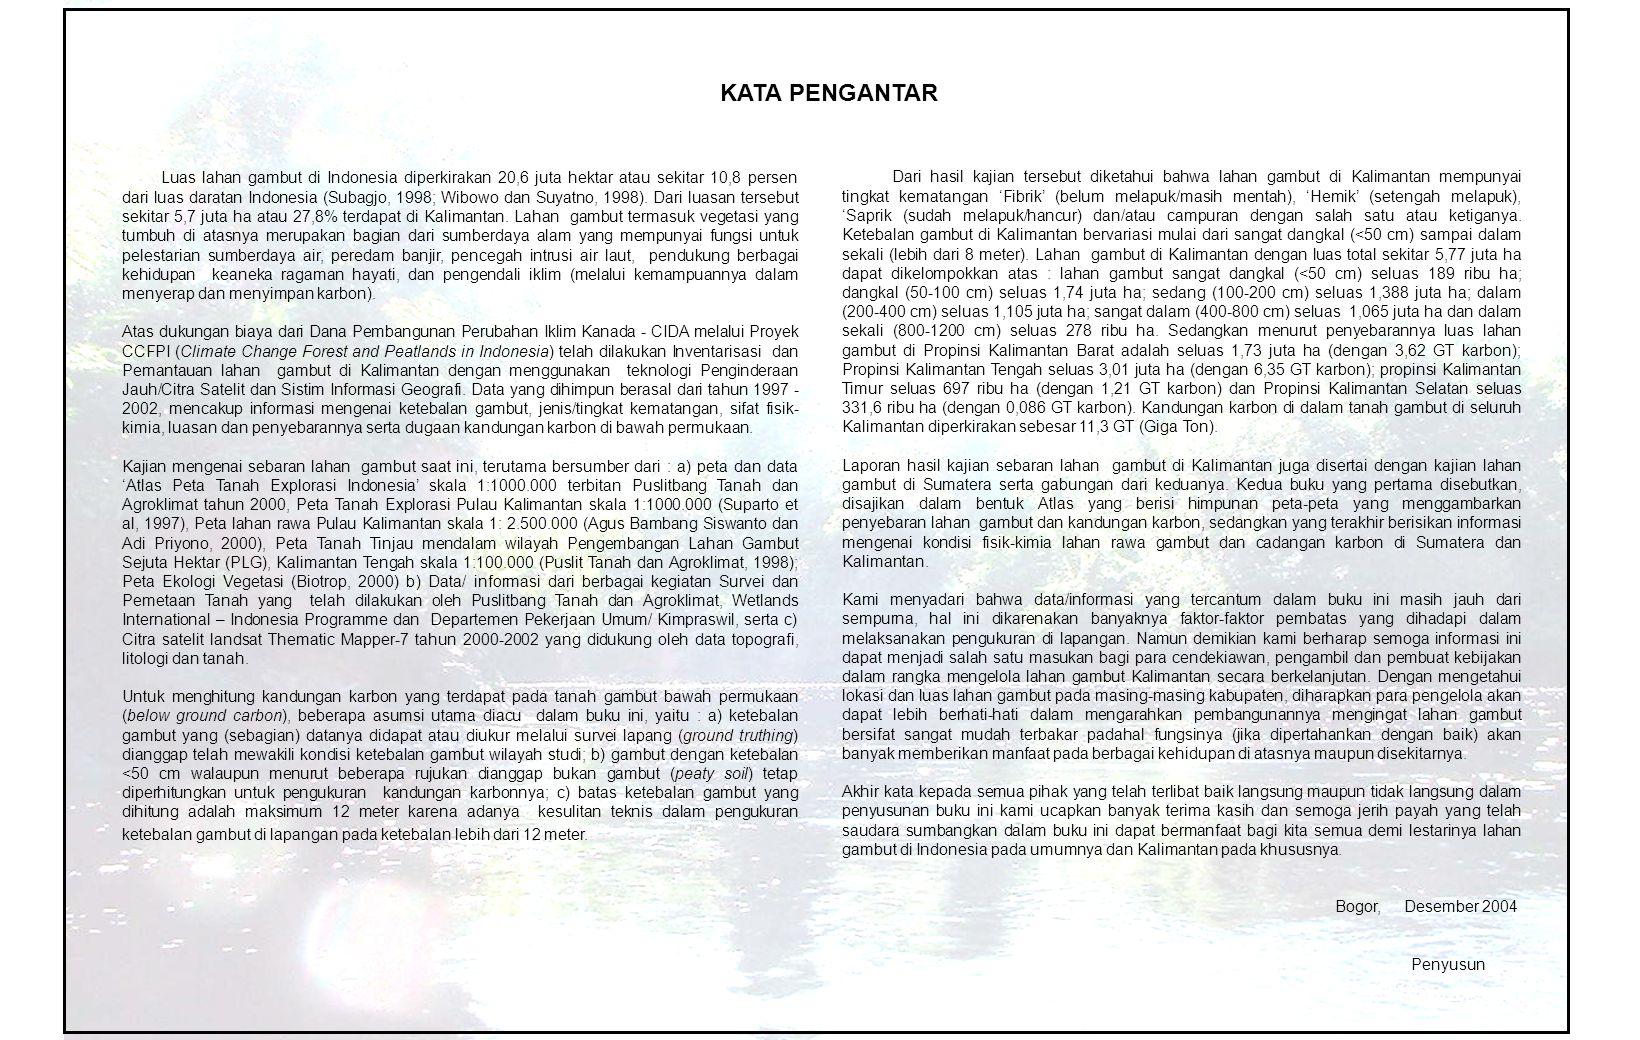 Luas lahan gambut di Indonesia diperkirakan 20,6 juta hektar atau sekitar 10,8 persen dari luas daratan Indonesia (Subagjo, 1998; Wibowo dan Suyatno, 1998).